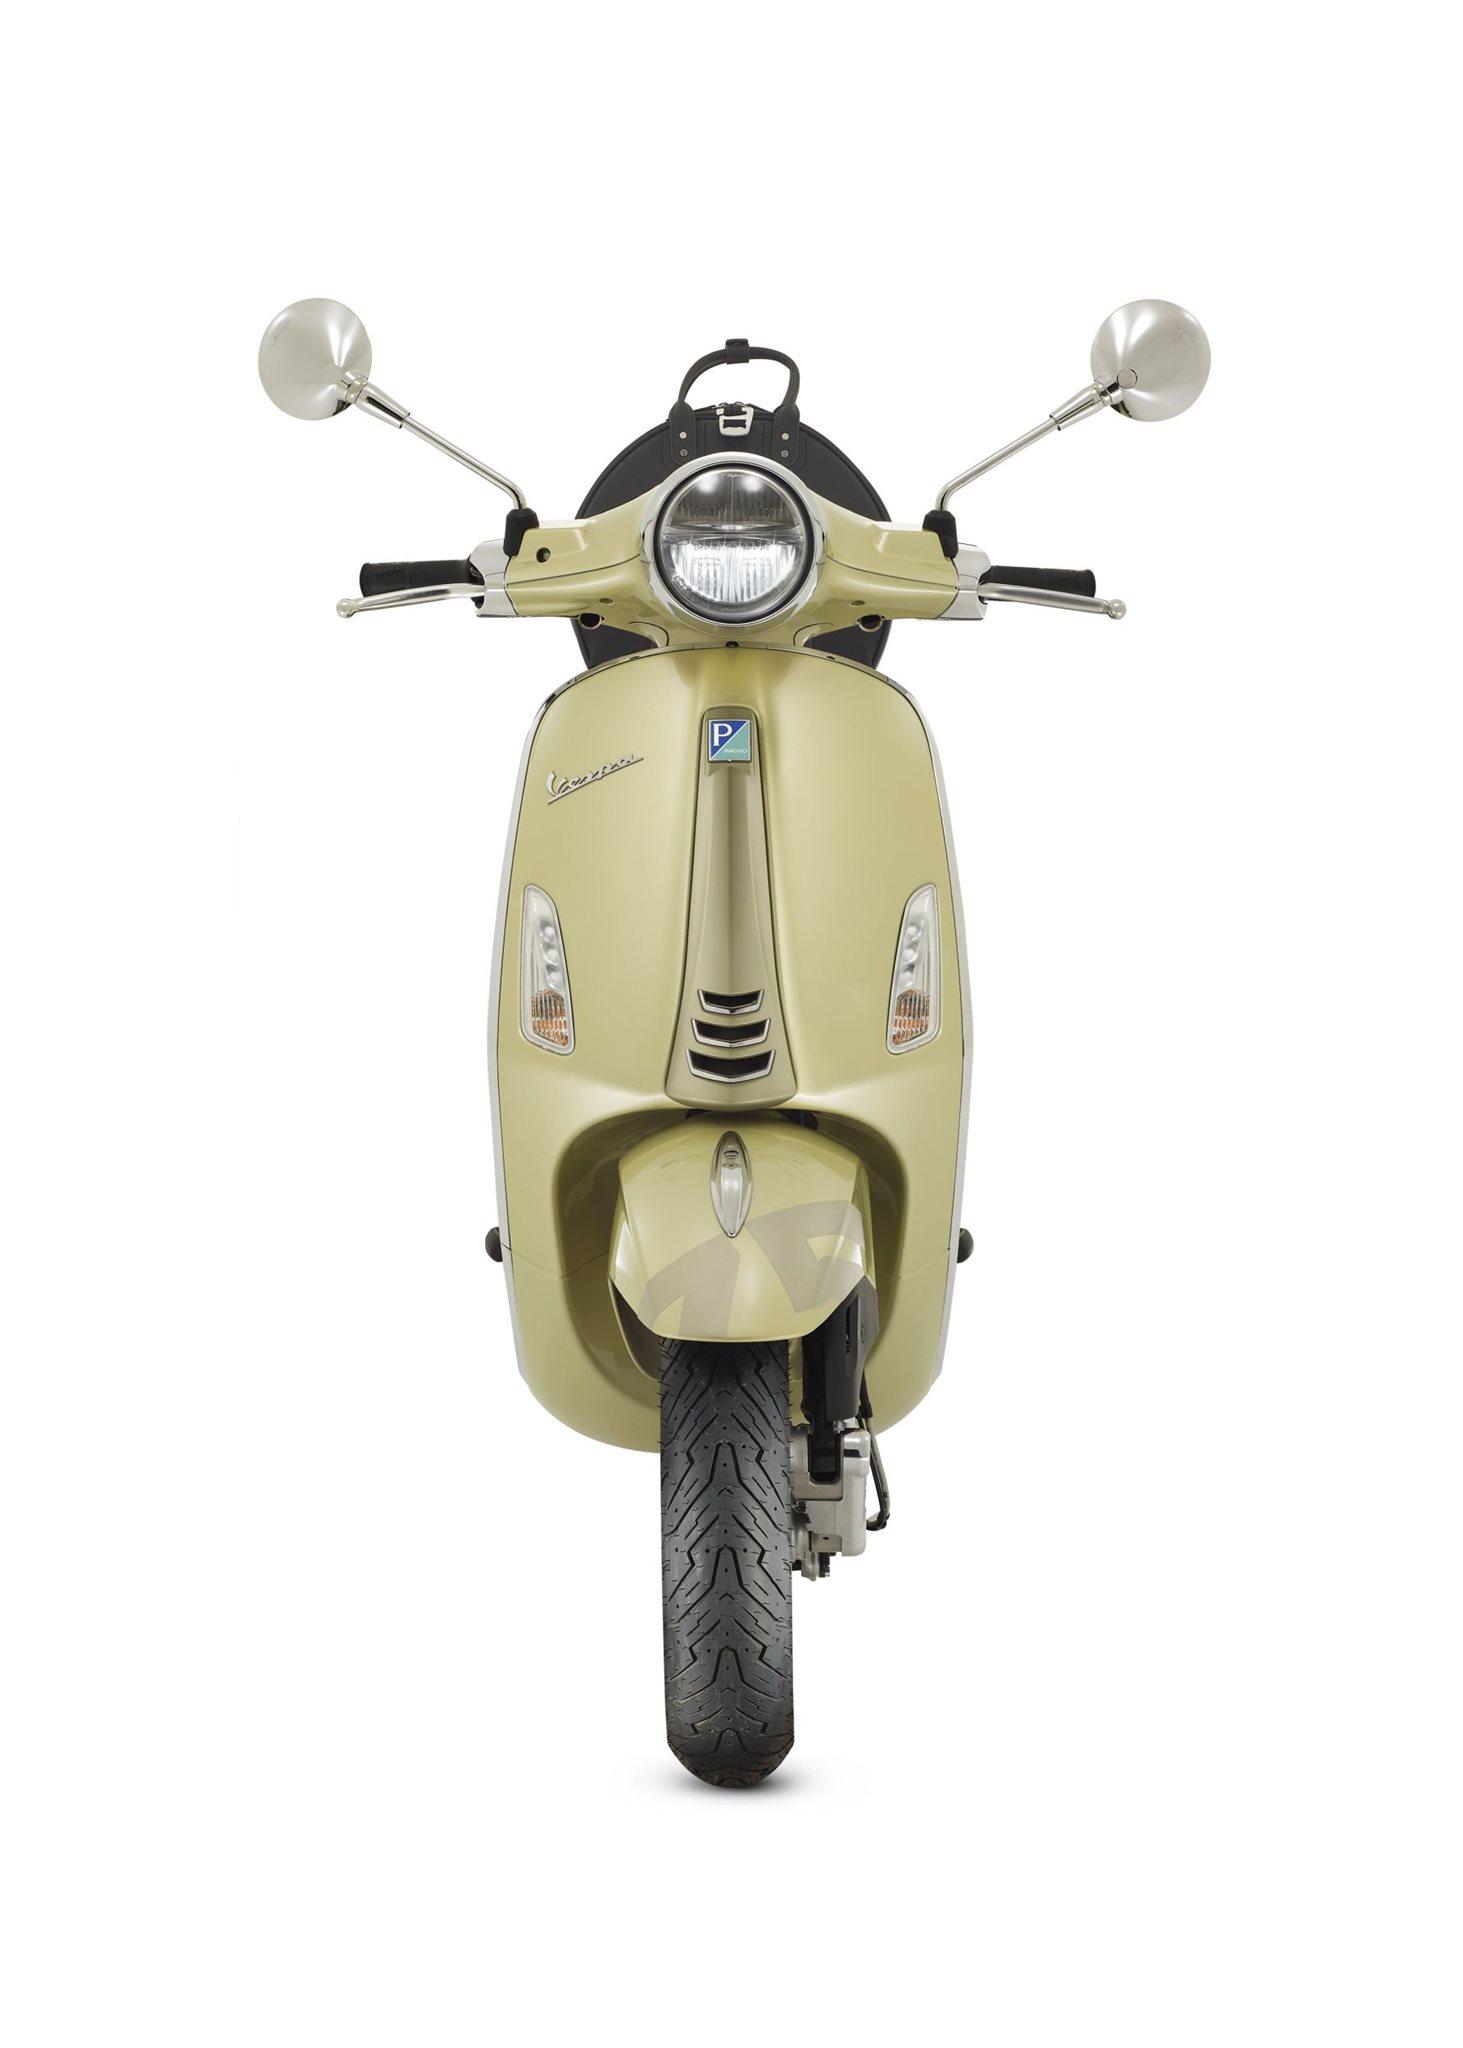 Vespa Primavera 50 75th